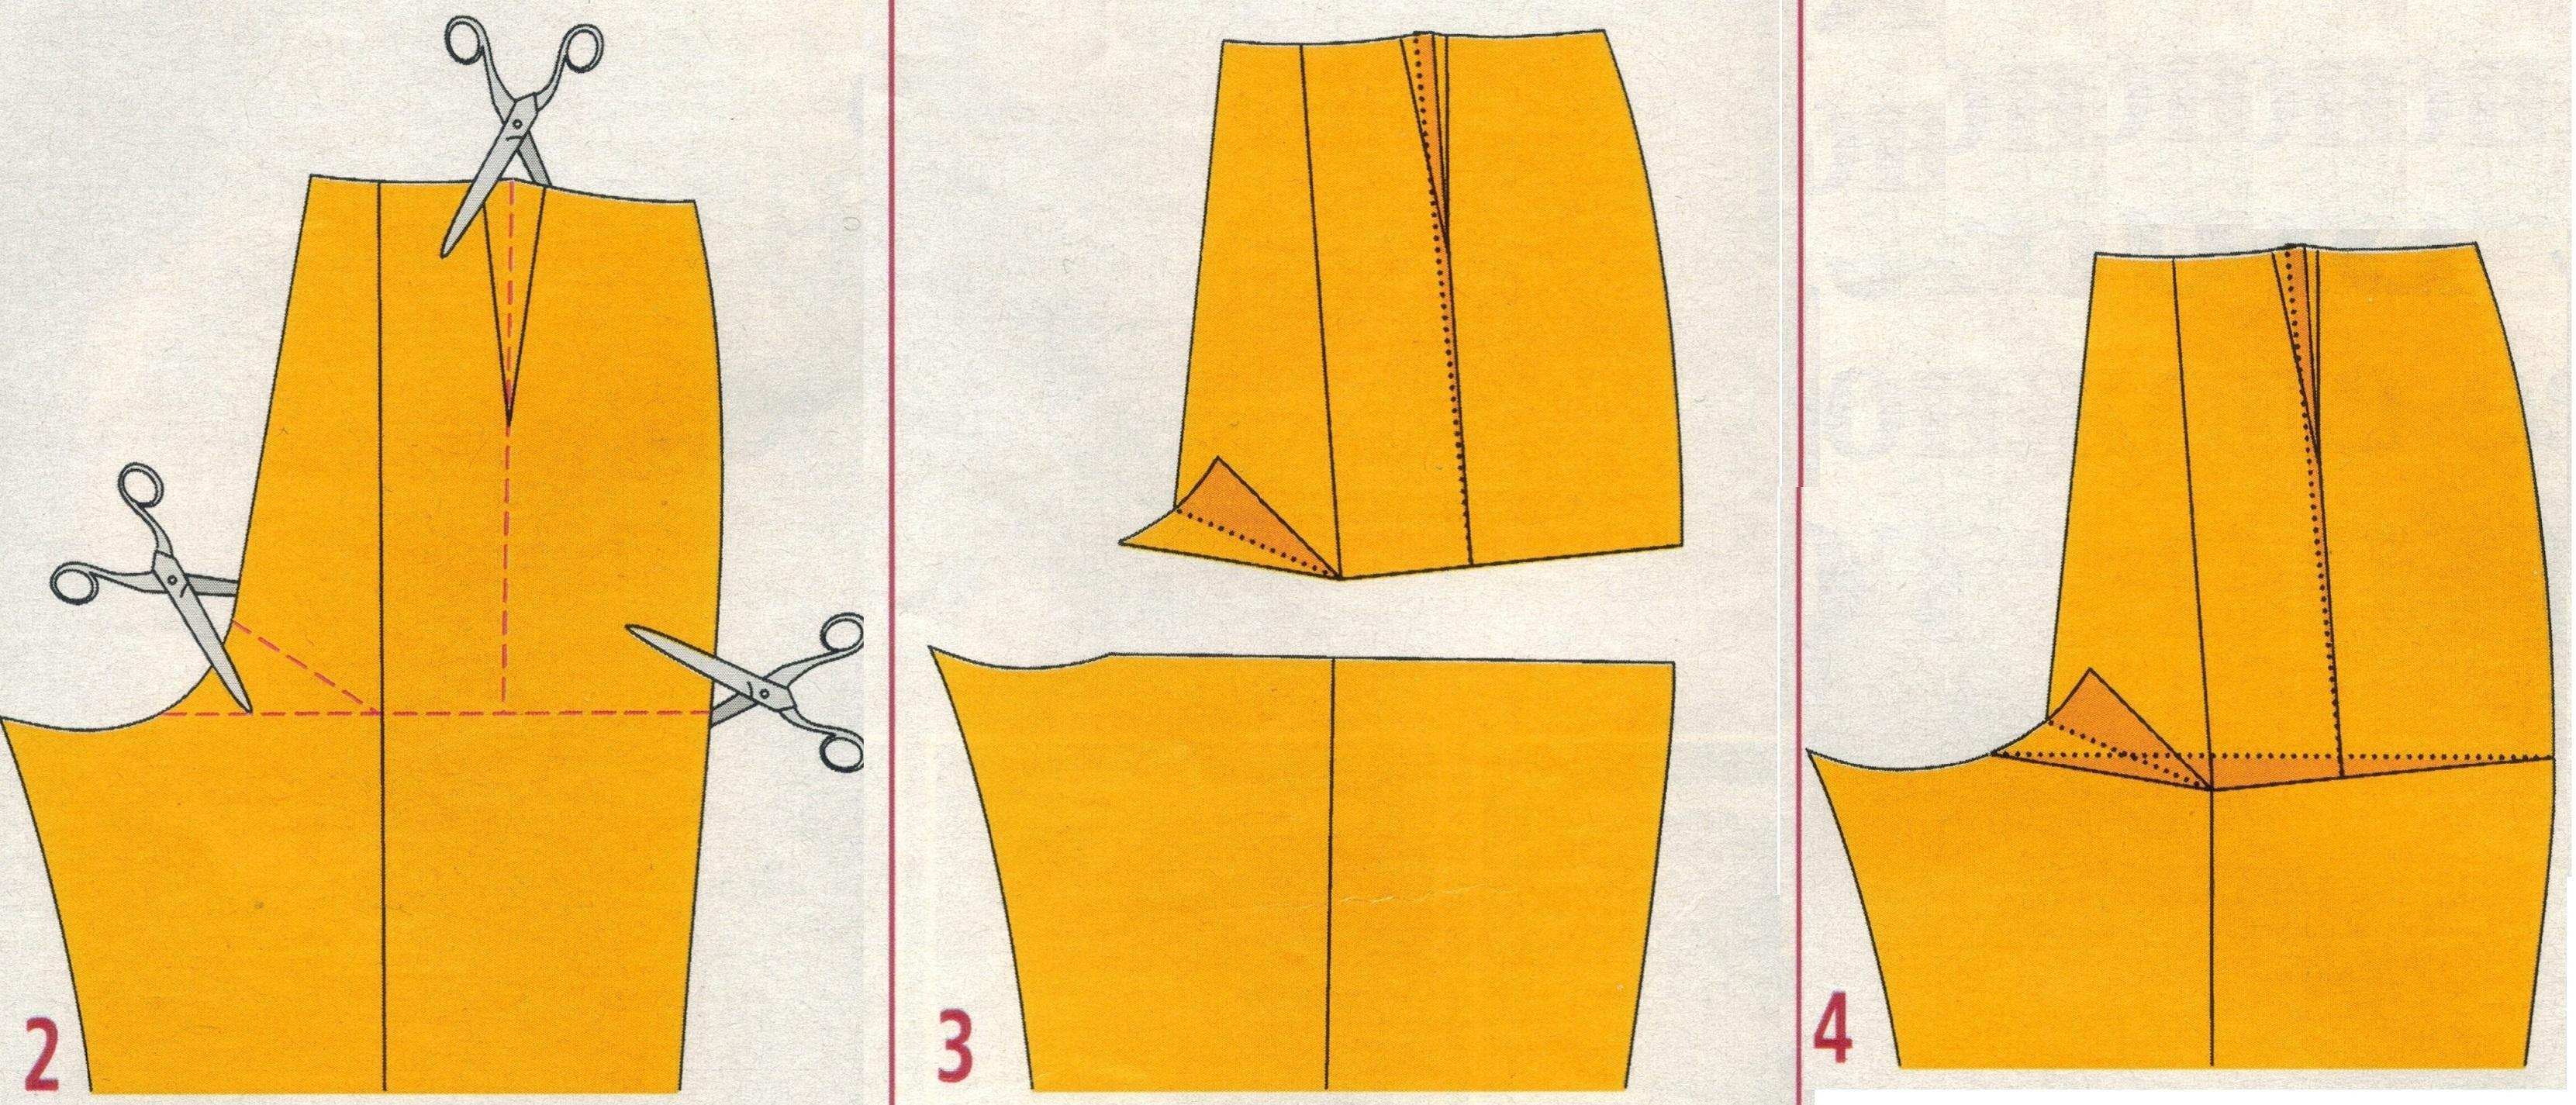 картинка головоломка для детей